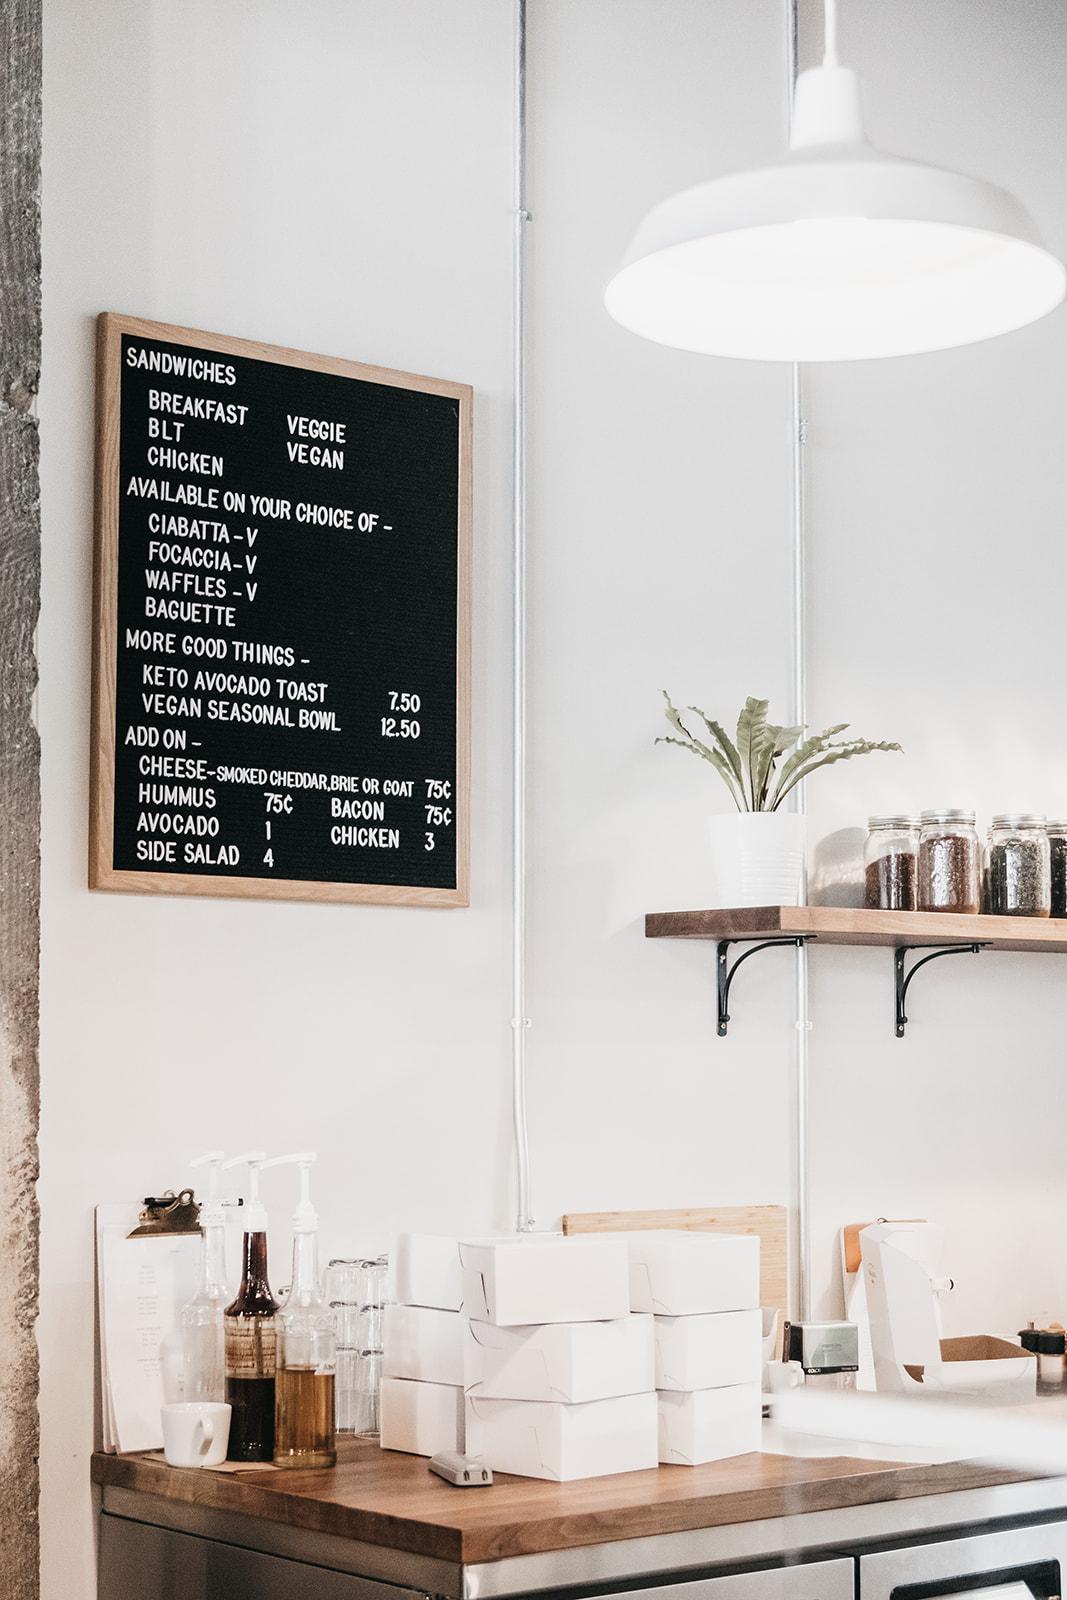 The_Polly_Fox_Cafe___Bakery_Abbotsford_COAS___Photo_by_Nicole_Constante-4.jpg